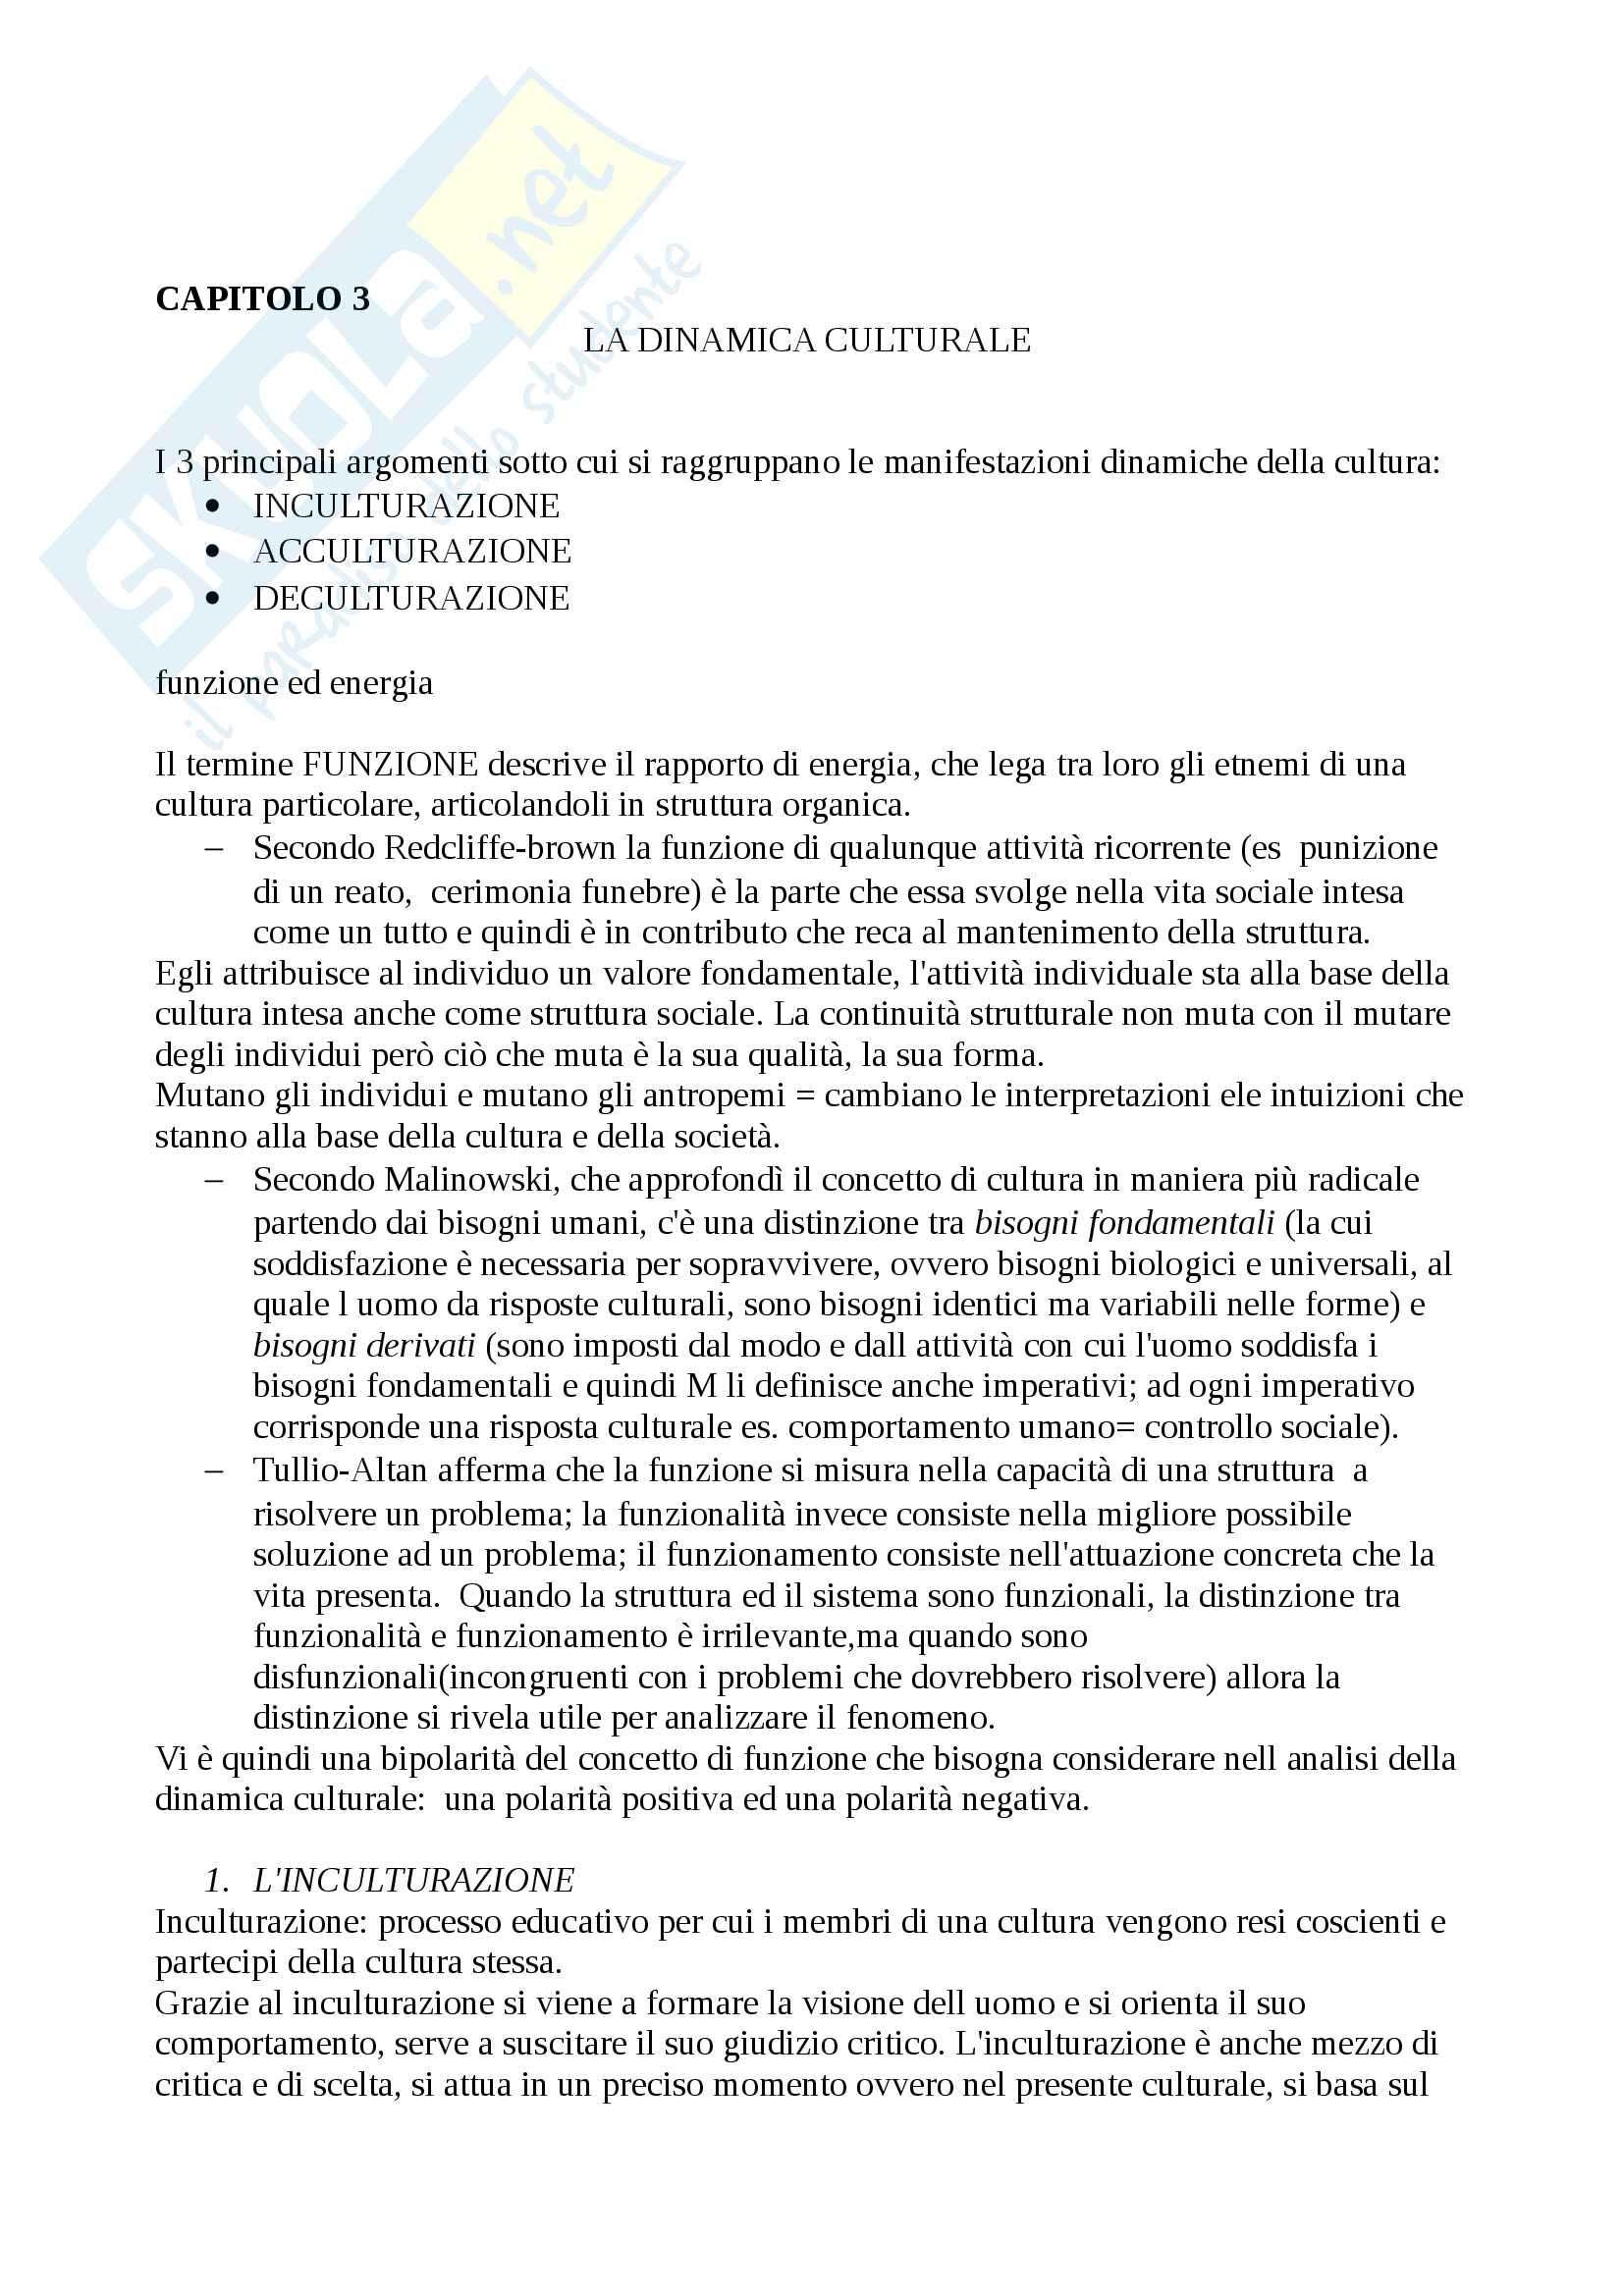 Riassunto esame Antropologia culturale, docente prof. Palmisano, libro consigliato Uomo,cultura, società, Bernardo Bernardi Pag. 11